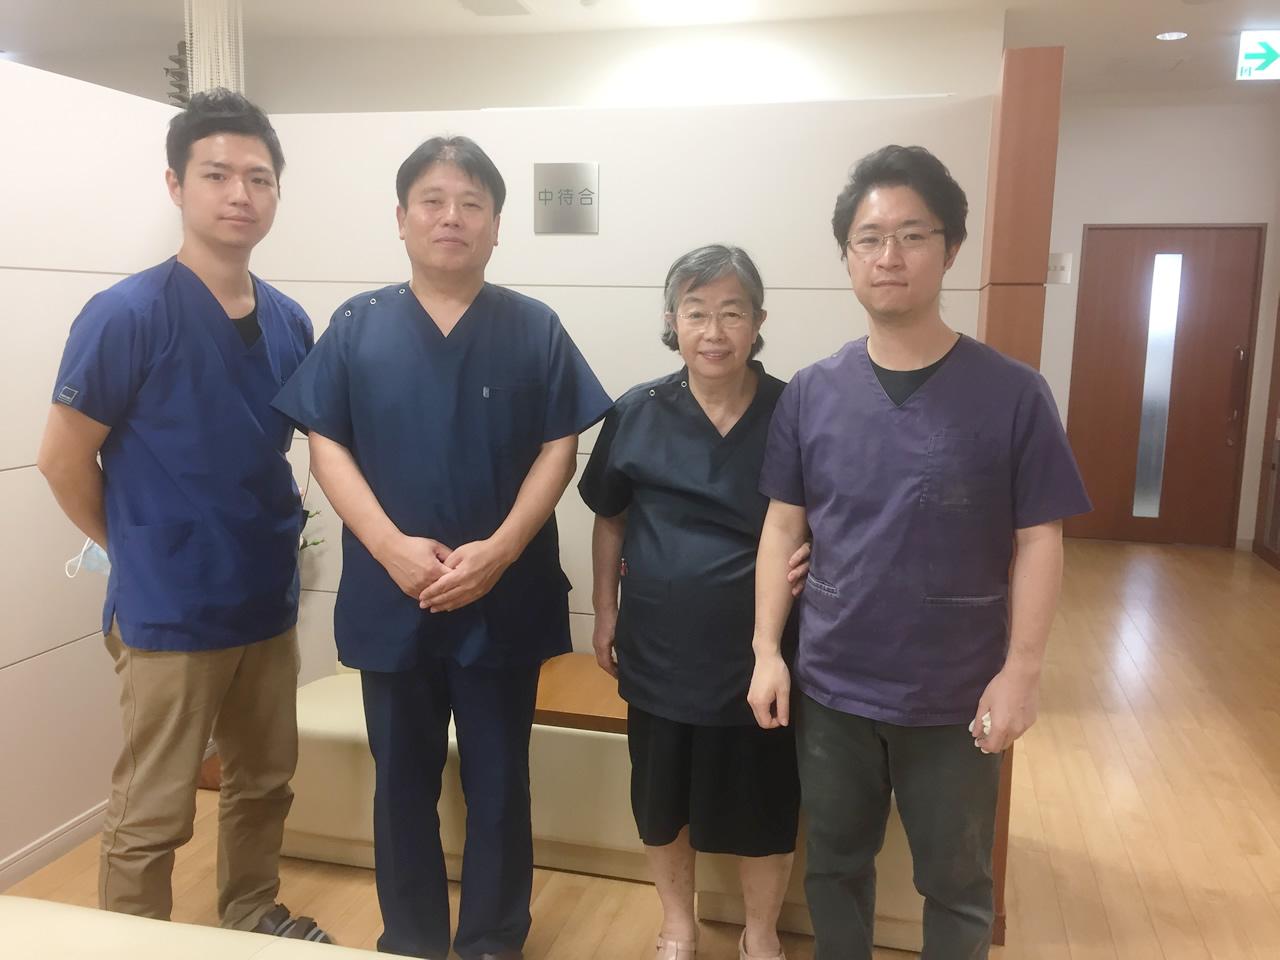 筒井歯科・矯正歯科医院にて研修